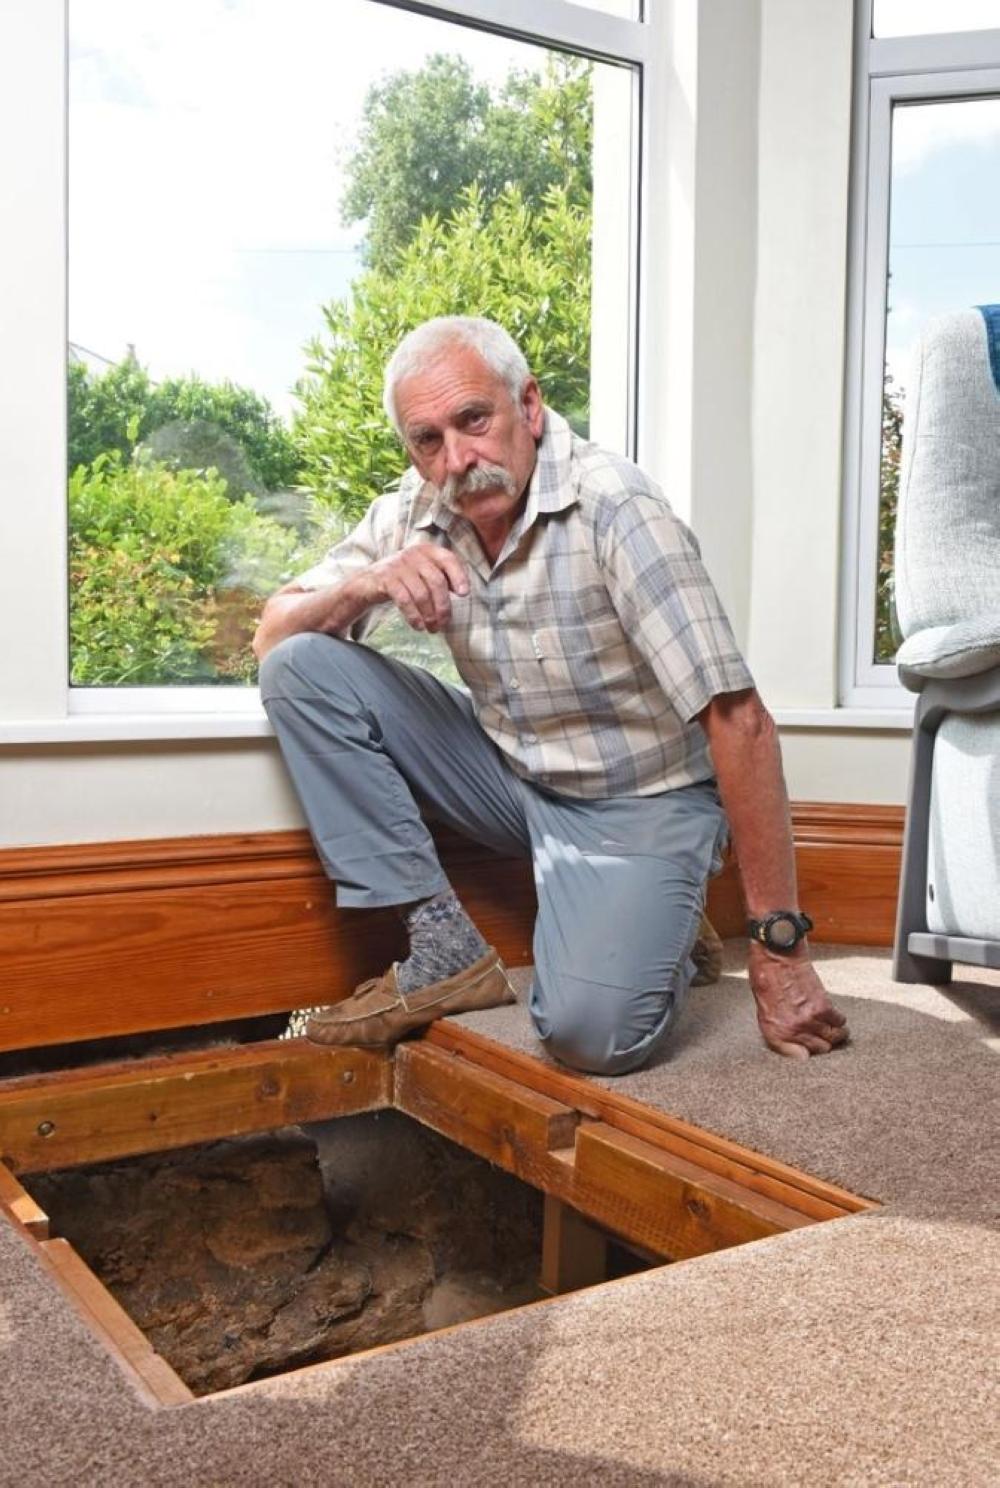 رجل يجد بئر فيه سيف تحت غرفة الجلوس